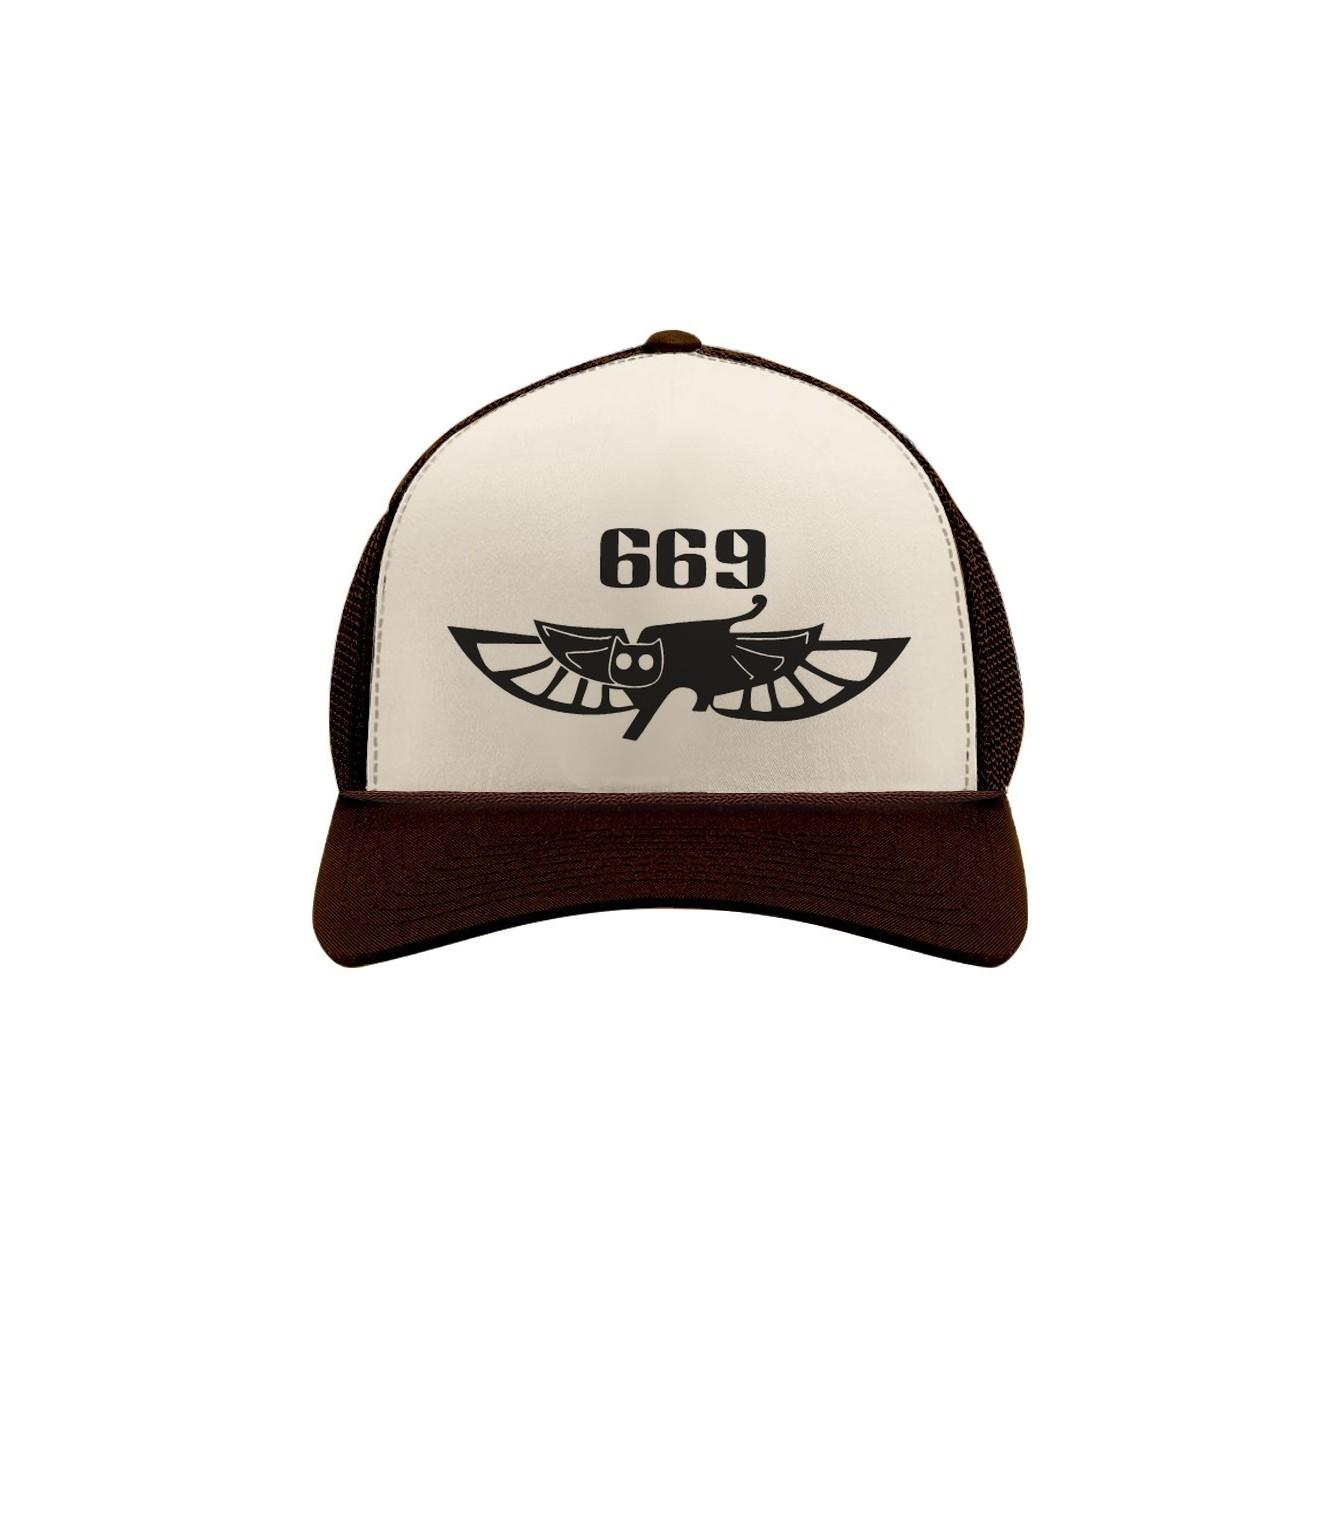 """Israel Army """"669 ..."""